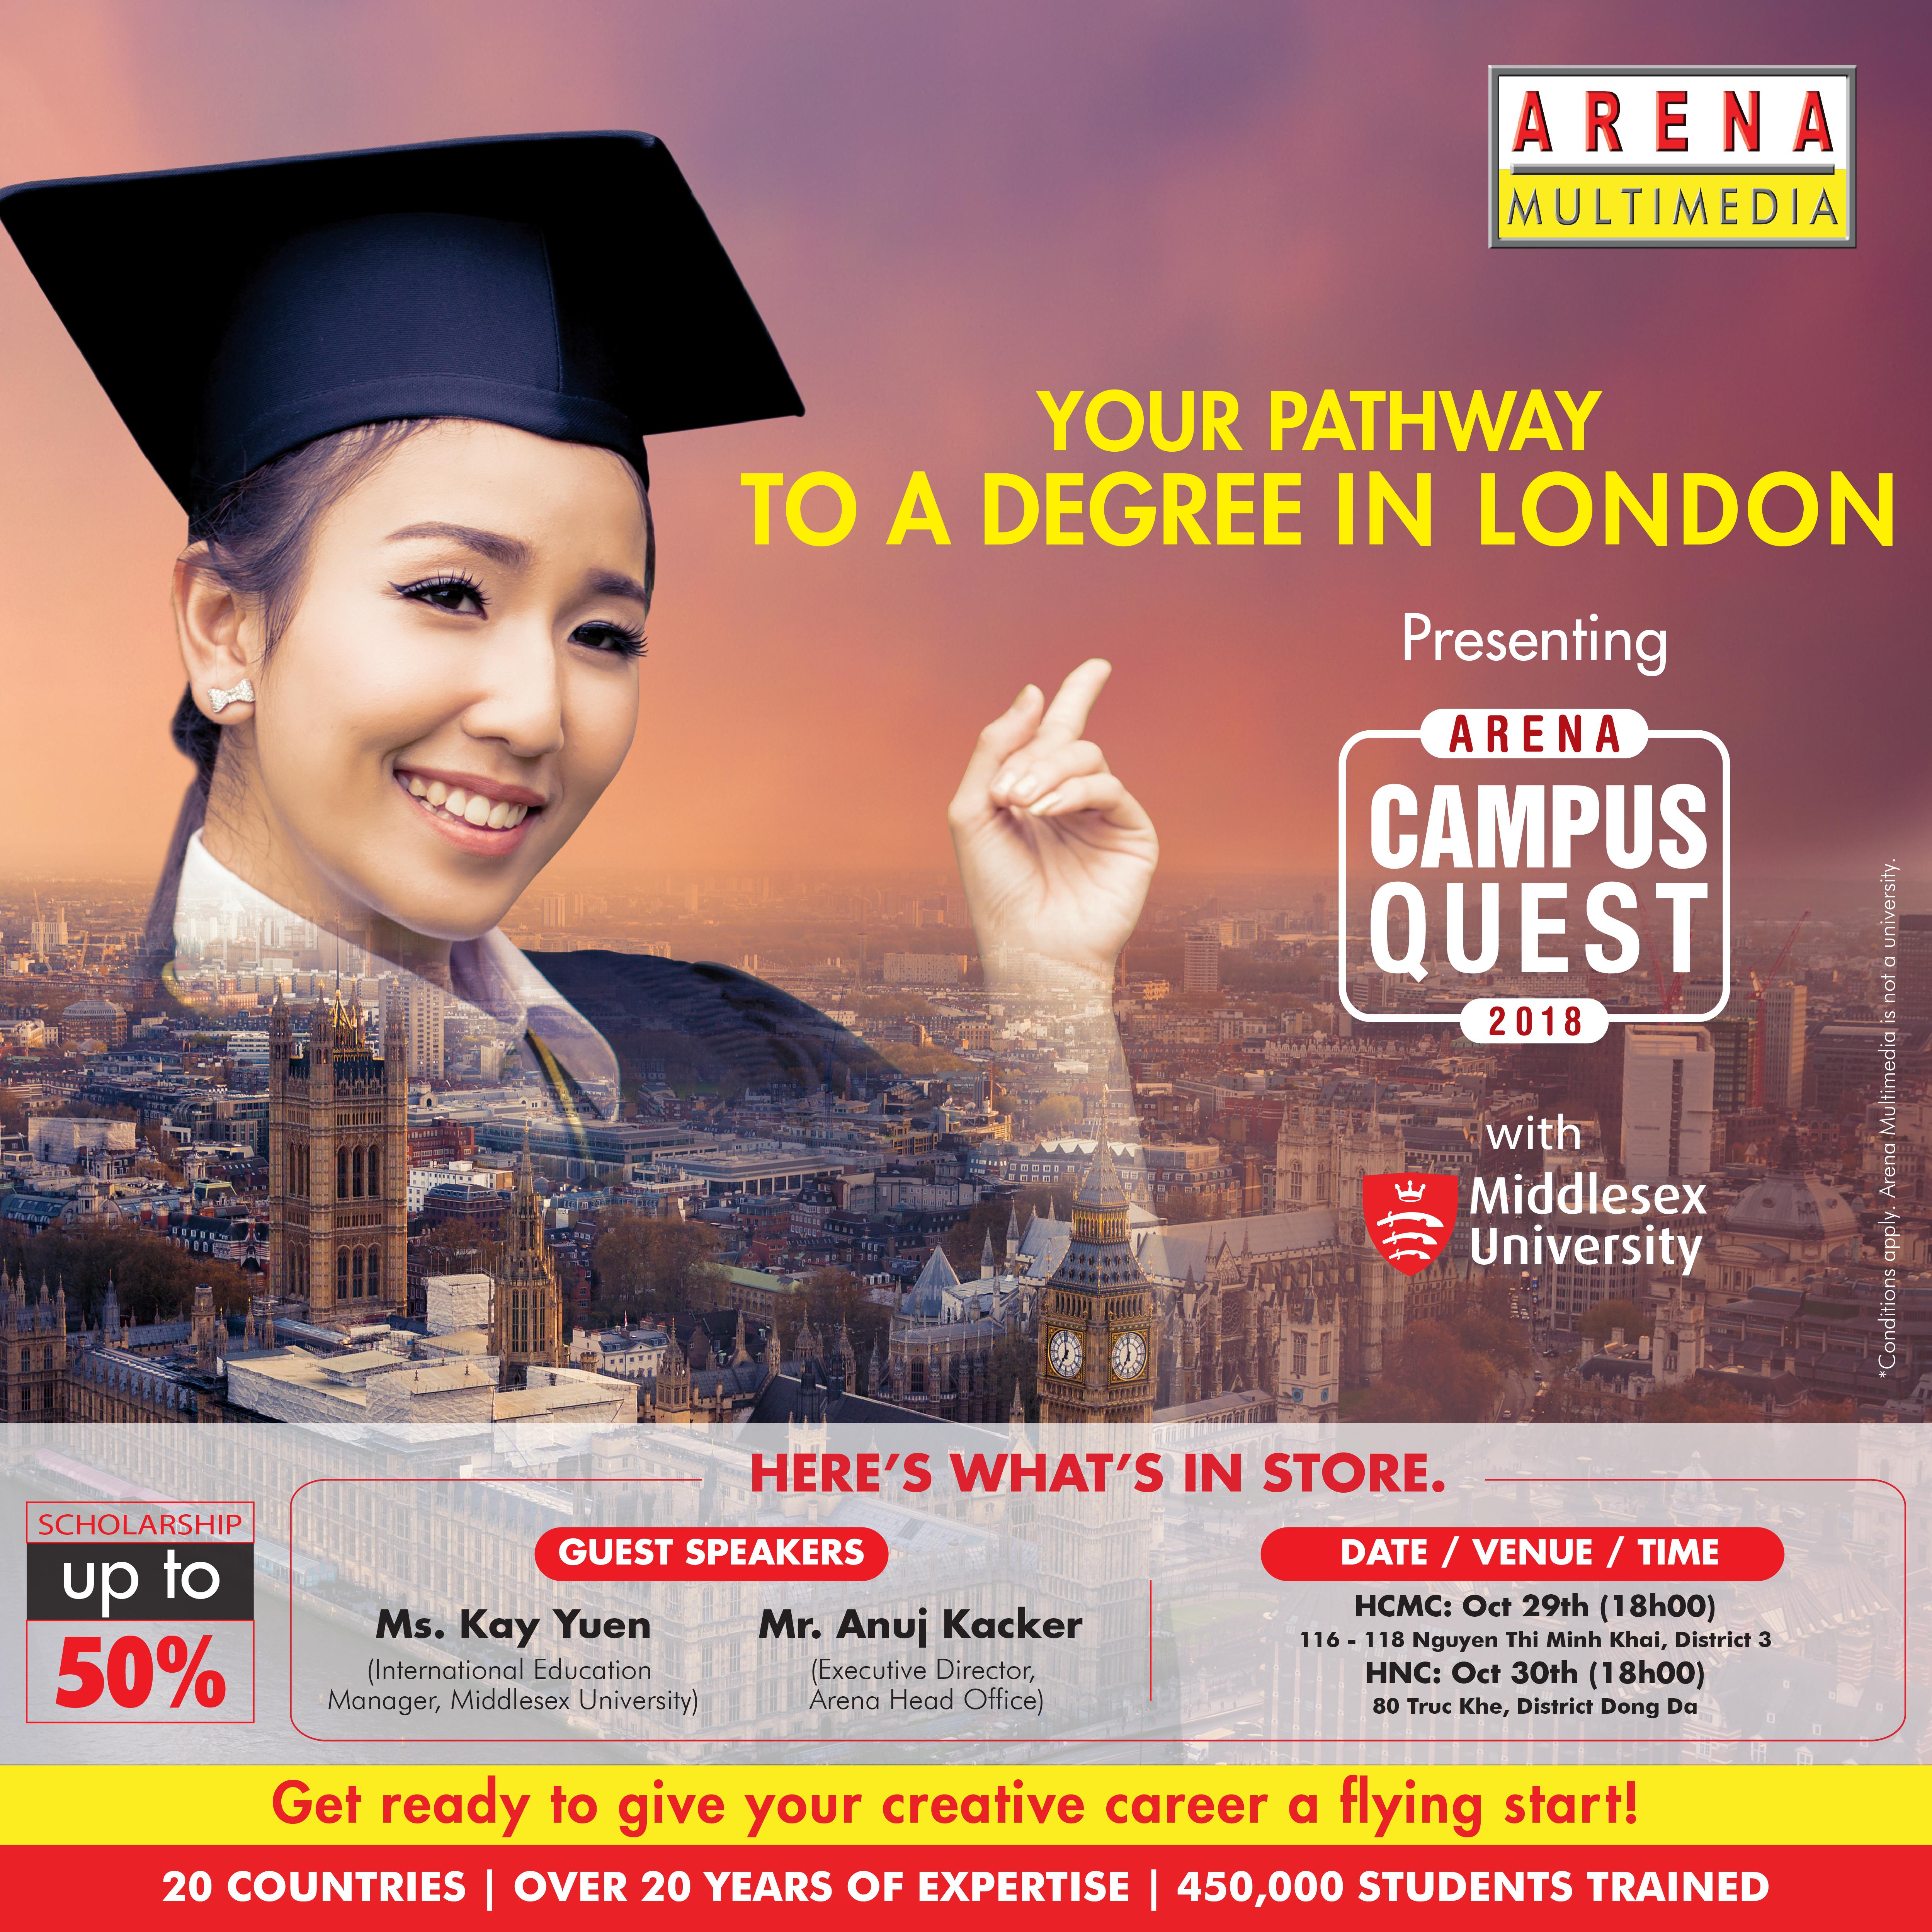 ARENA Campus Quest Vietnam_FB POST_1200 pxl (W) x 1200 pxl (H)-01 (1)